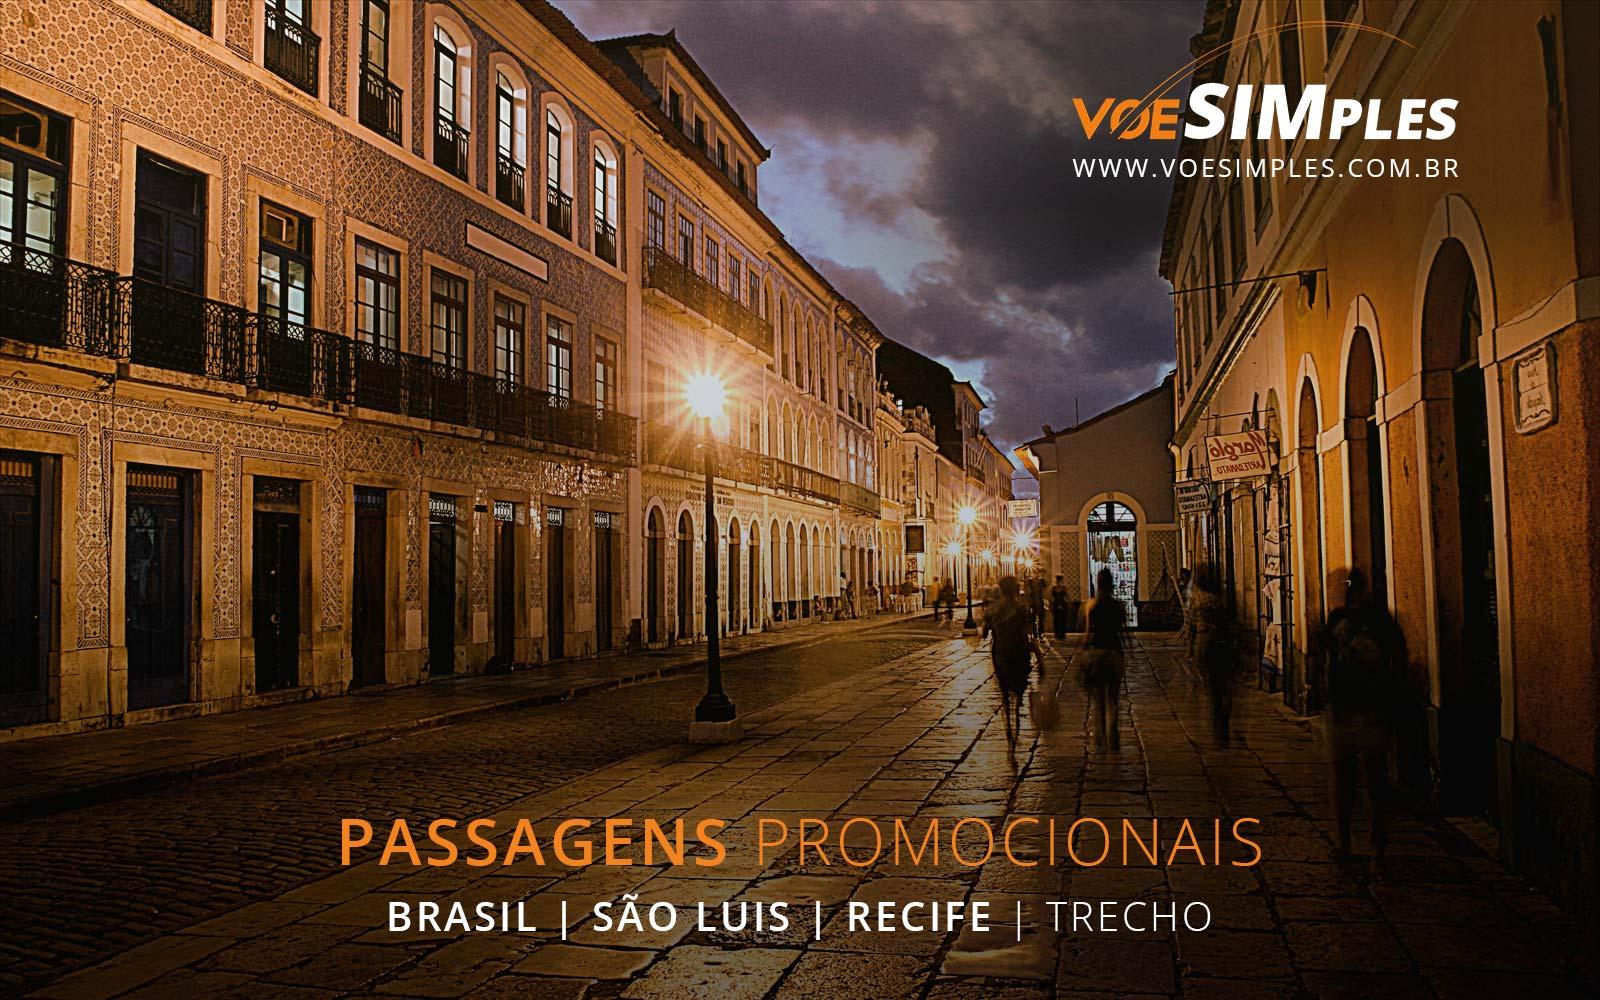 Passagens aéreas baratas de Recife para São Luís